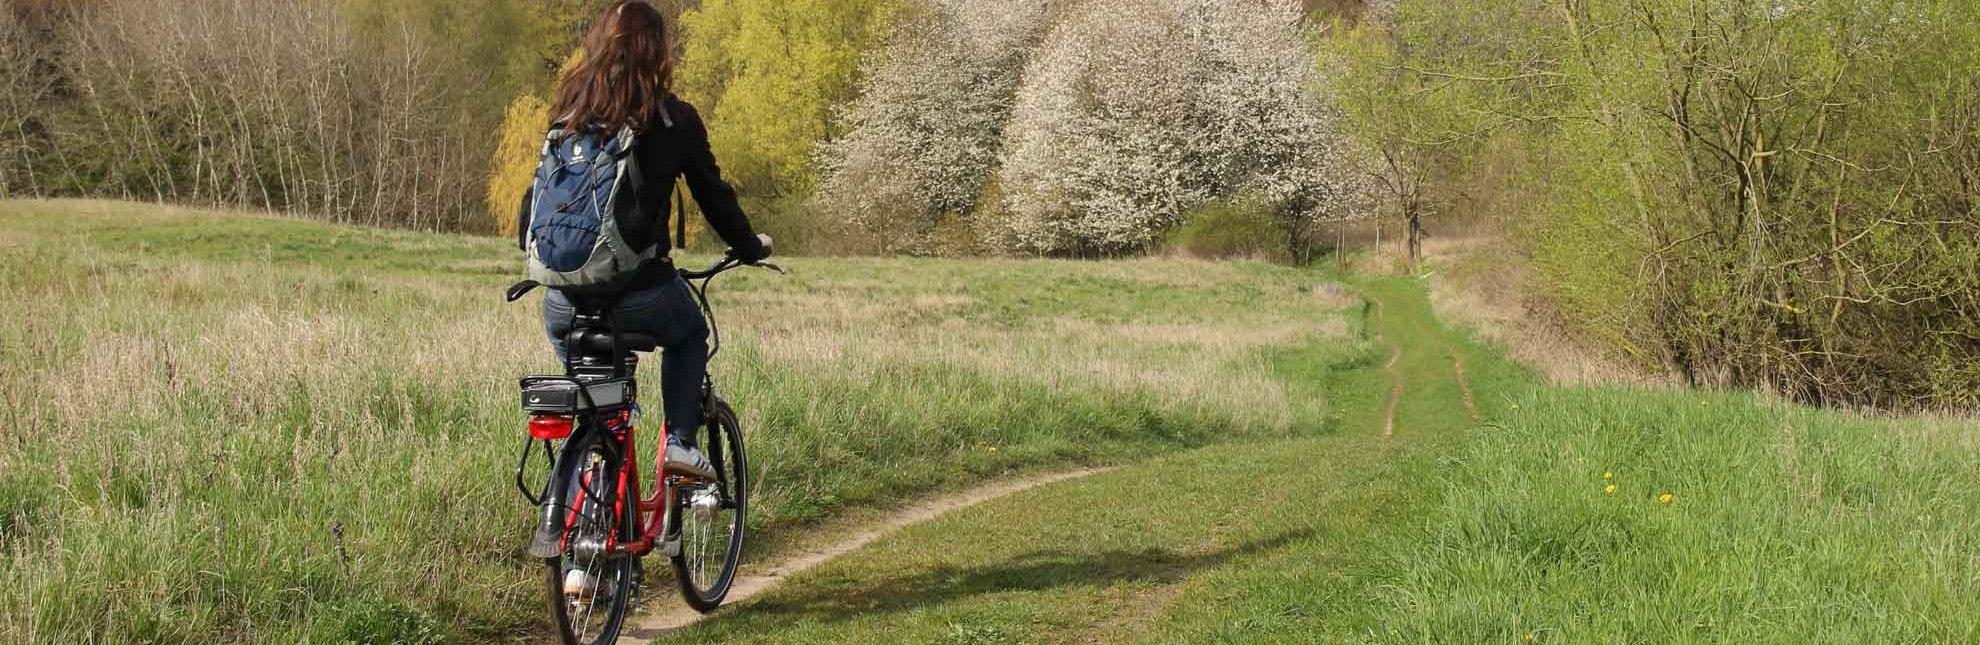 Mit dem Fahrrad auf der Städtetour zwischen Ratzeburg und Mölln, © Carina Jahnke/ HLMS